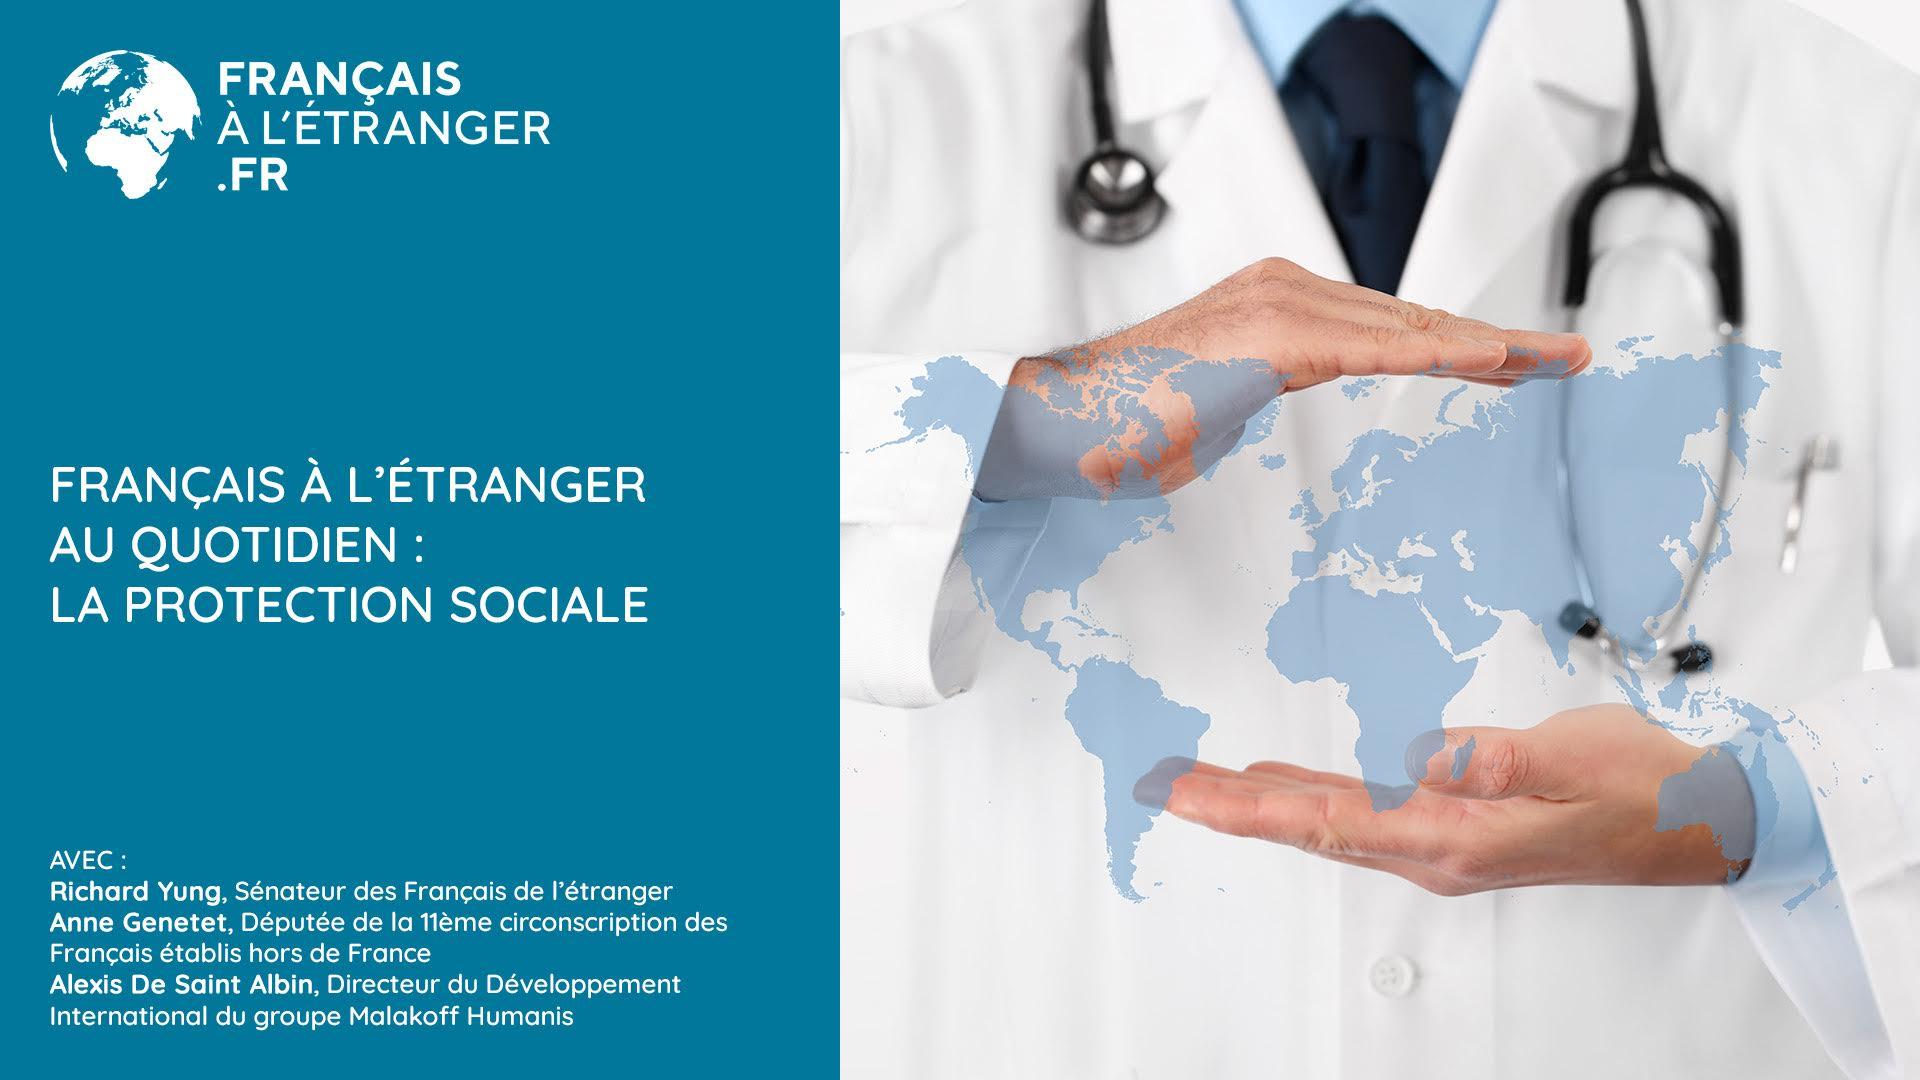 Français à l'étranger au quotidien: la protection sociale